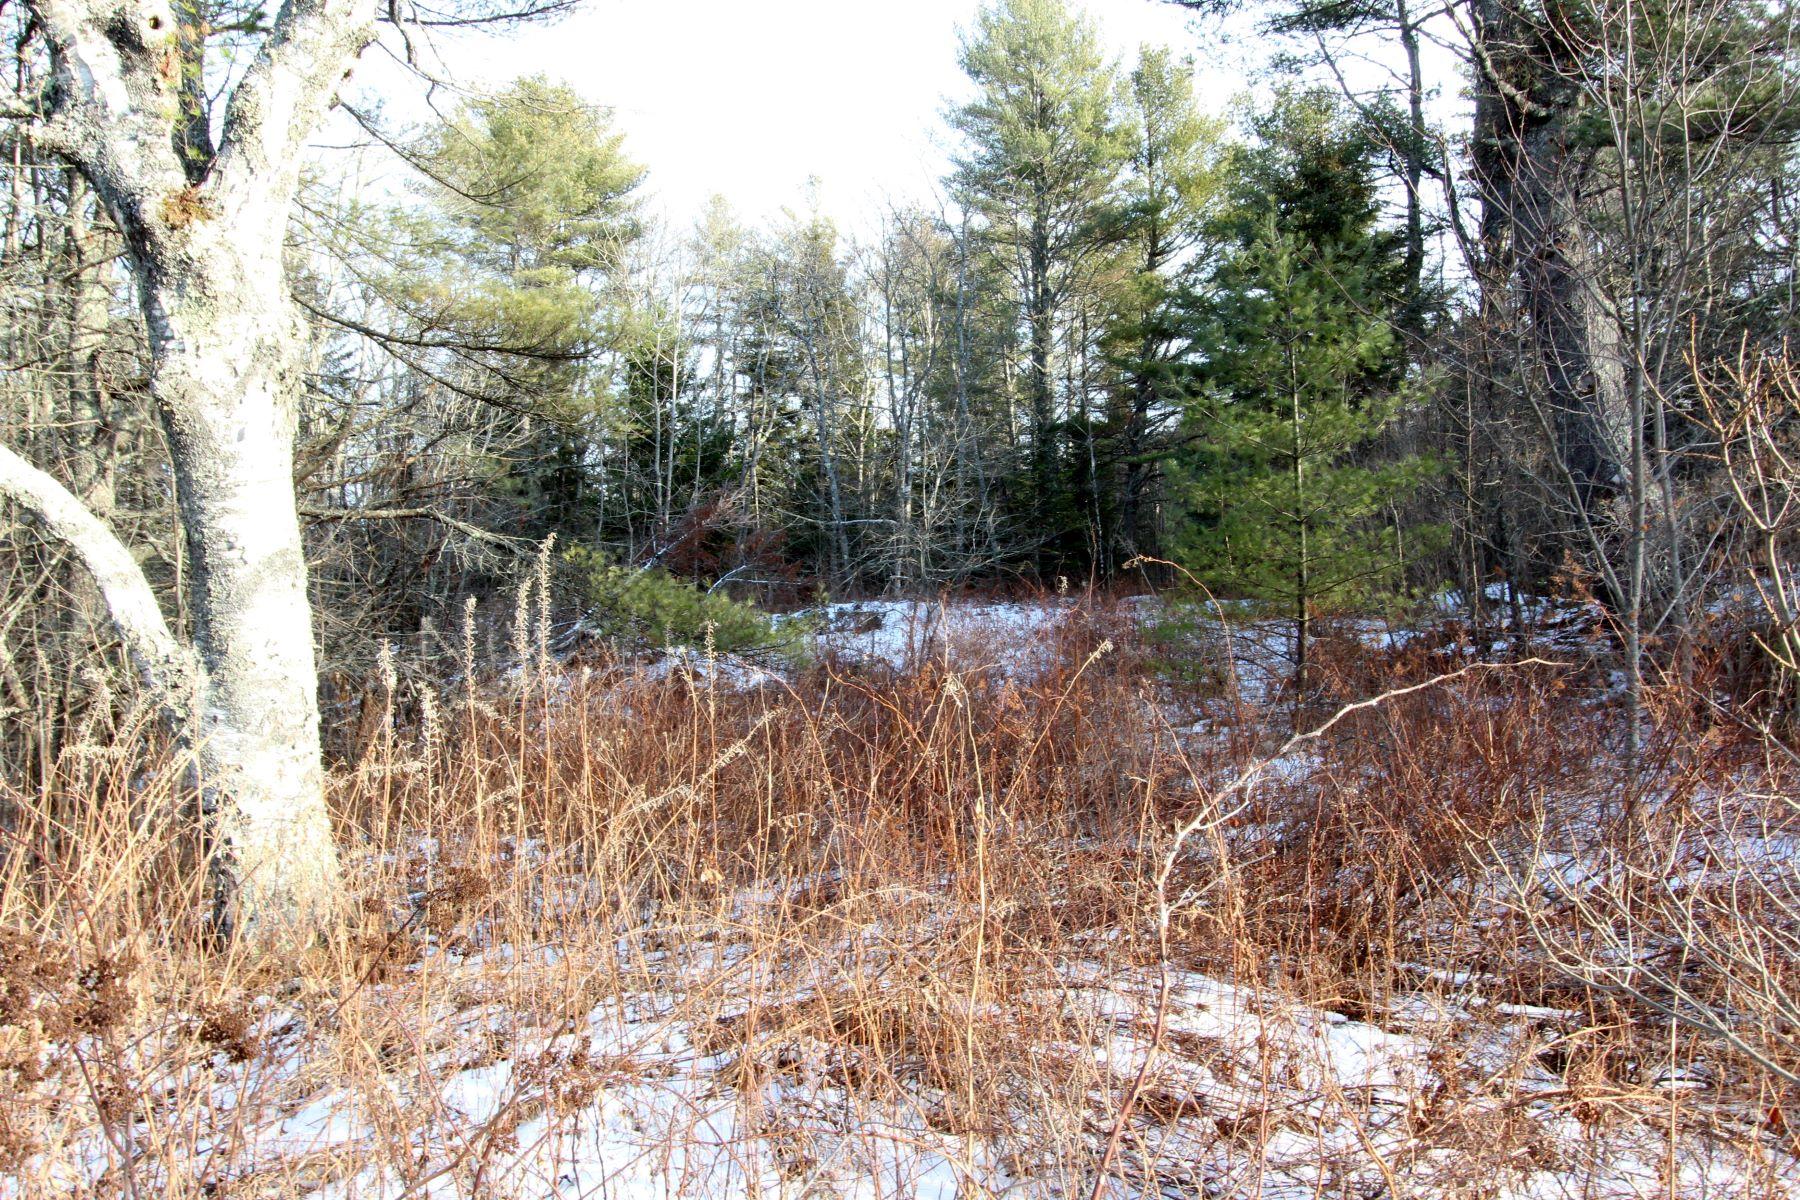 أراضي للـ Sale في Map 208 / Lot 20 Cushing Rd Map 208 Lot 20, Friendship, Maine 04547 United States